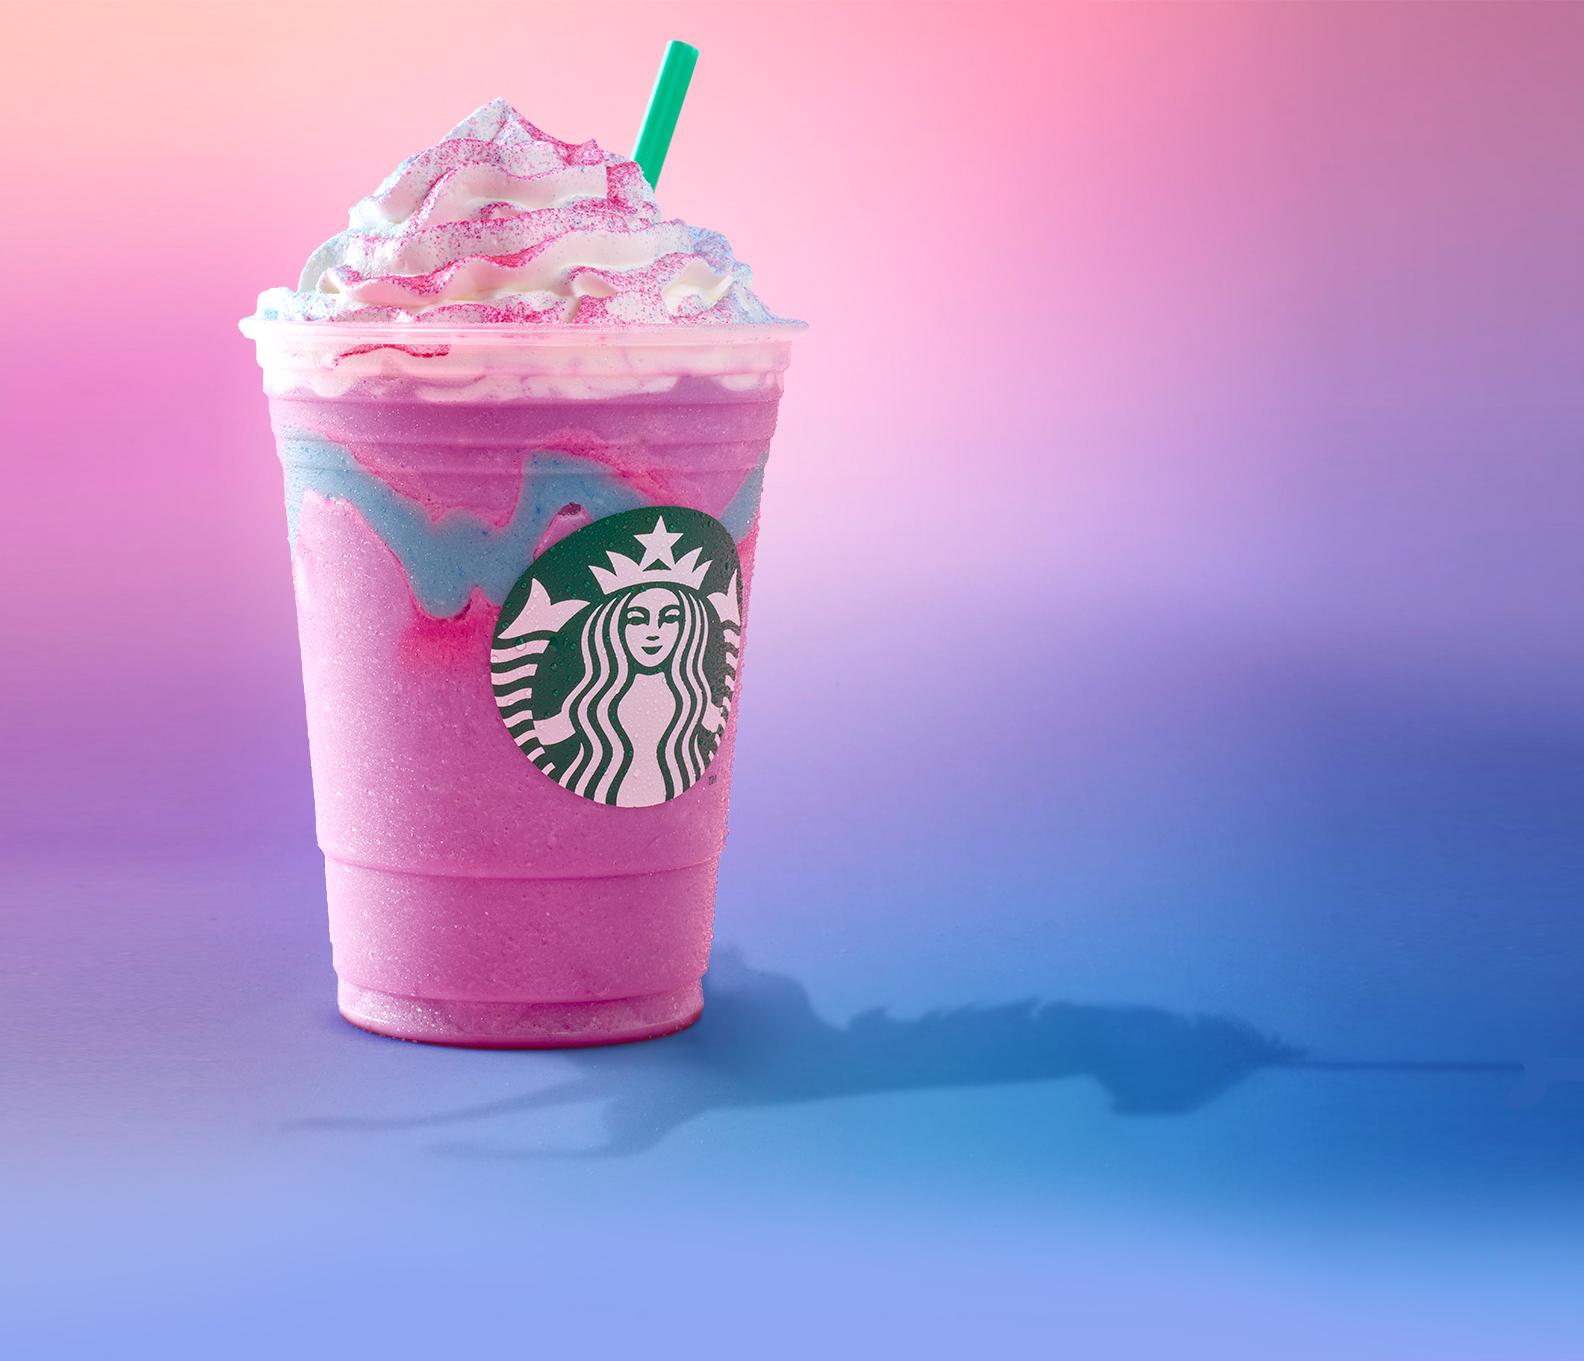 A Unicorn Frappuccino